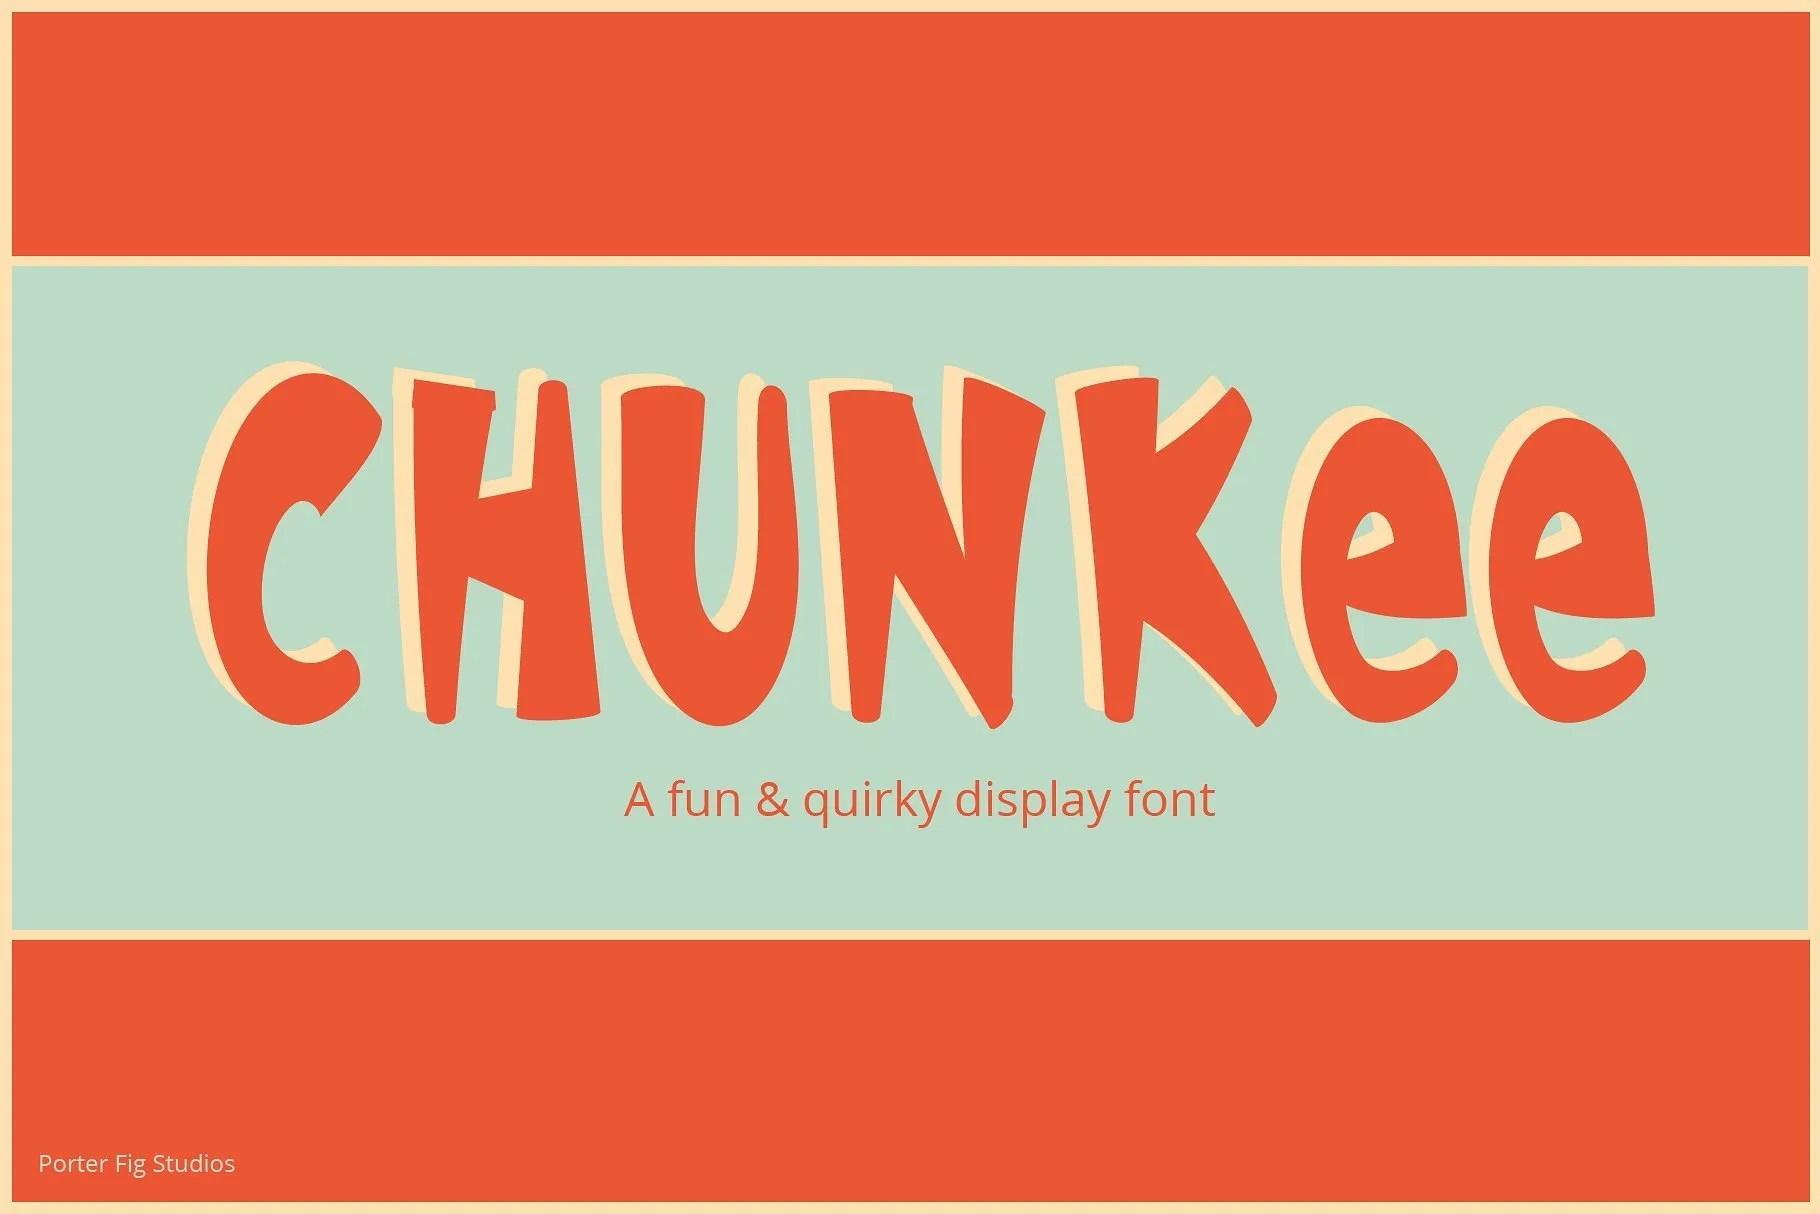 chunkee bold font